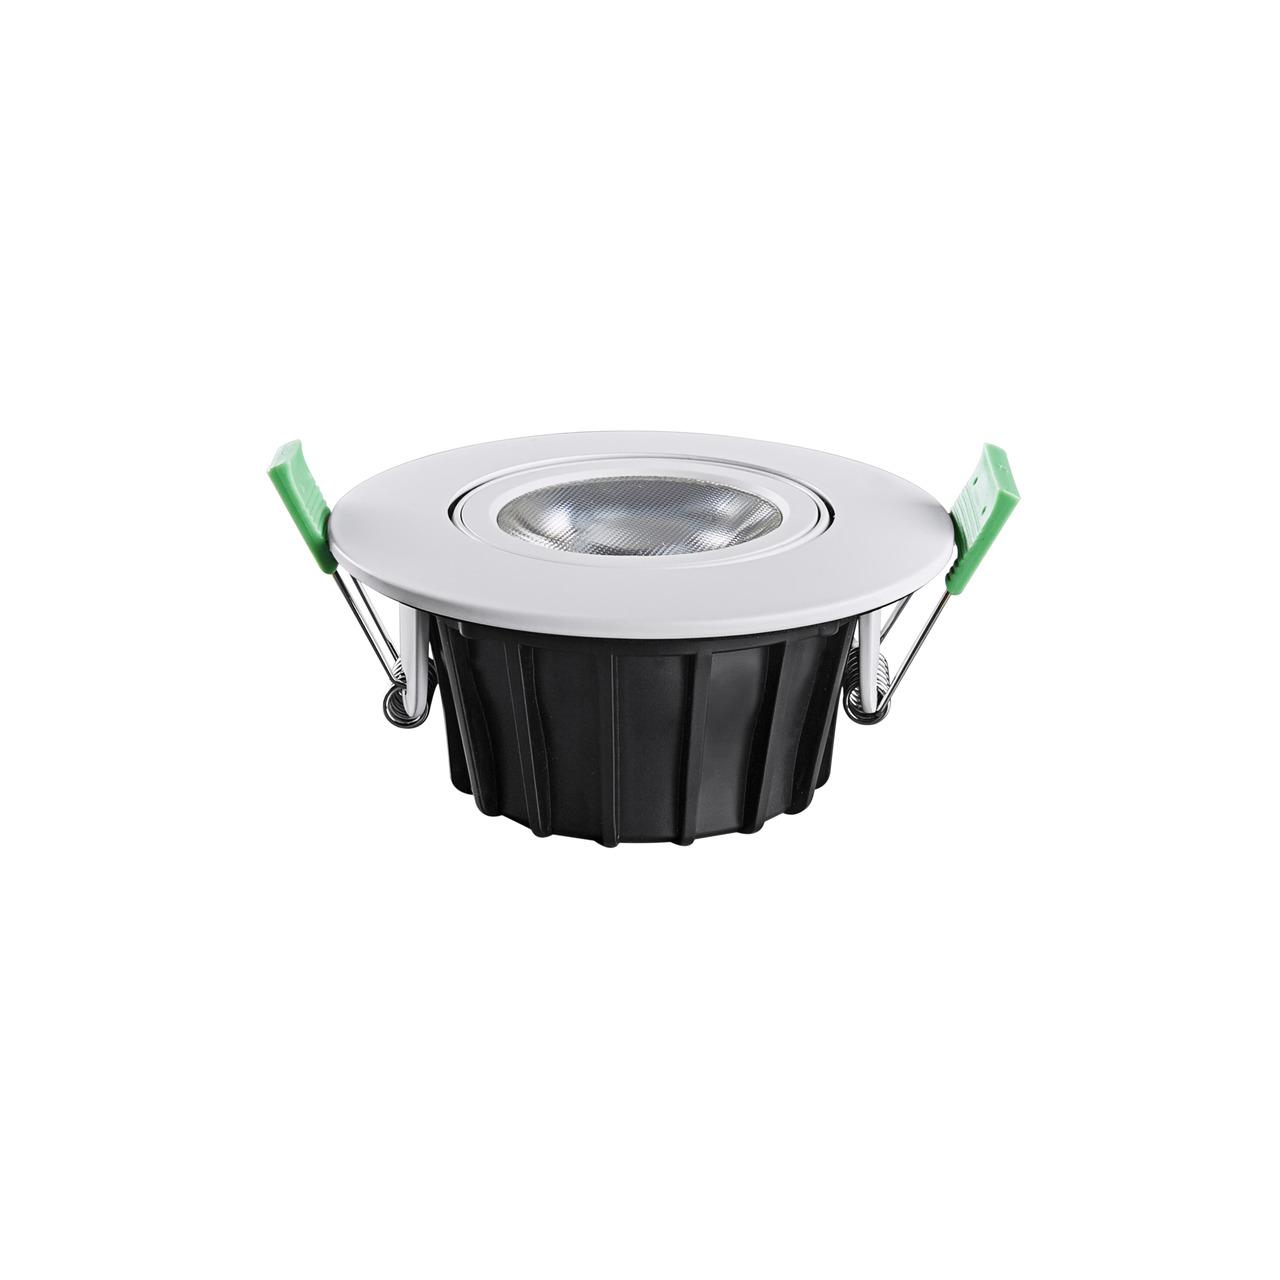 HEITRONIC 8-5-W-LED-Einbaustrahler DL8002- Farbtemperatur einstellbar- schwenkbar- dimmbar- IP65